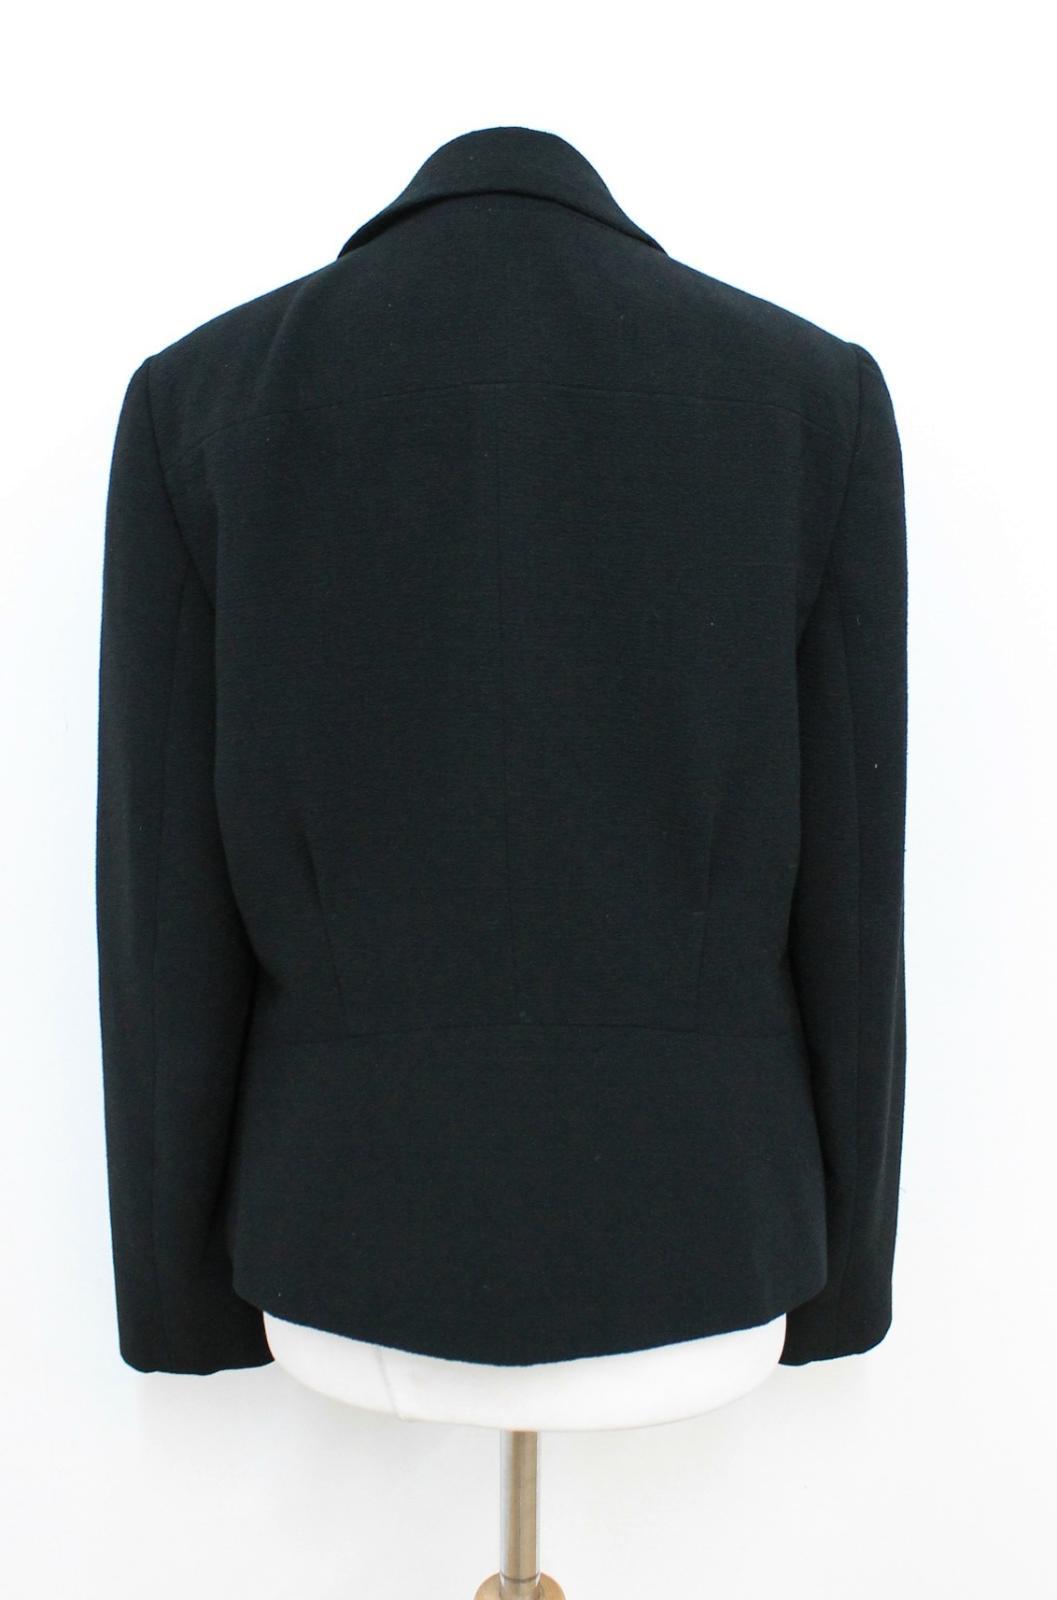 spalle Ladies Uk10 monopetto nero Planet giacca imbottito taglia RIw6PqP